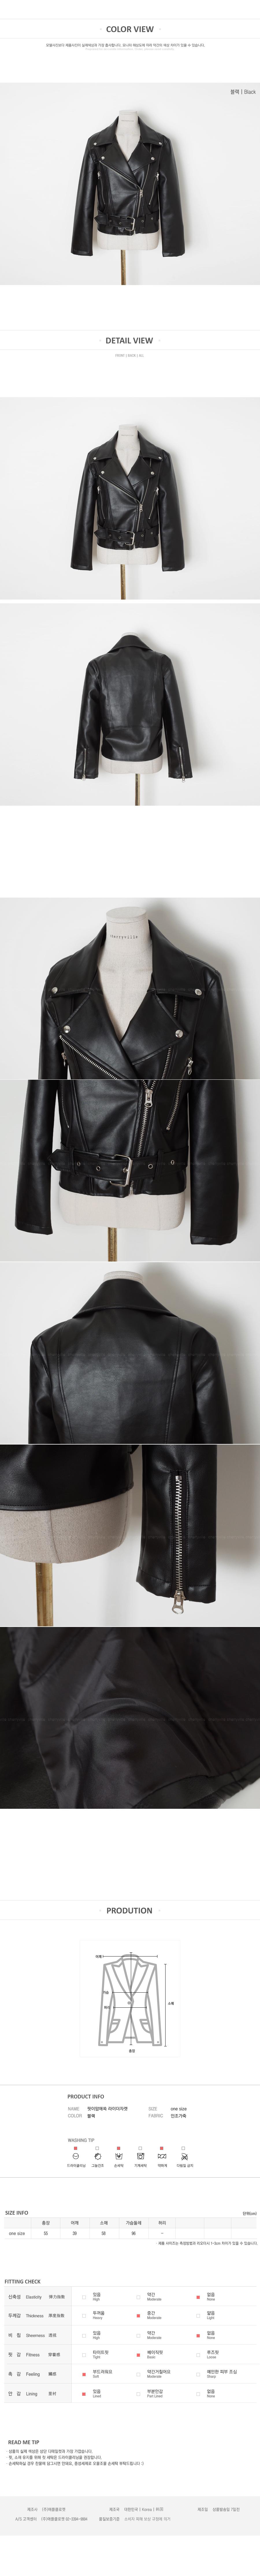 Fit Rider Rider Jacket